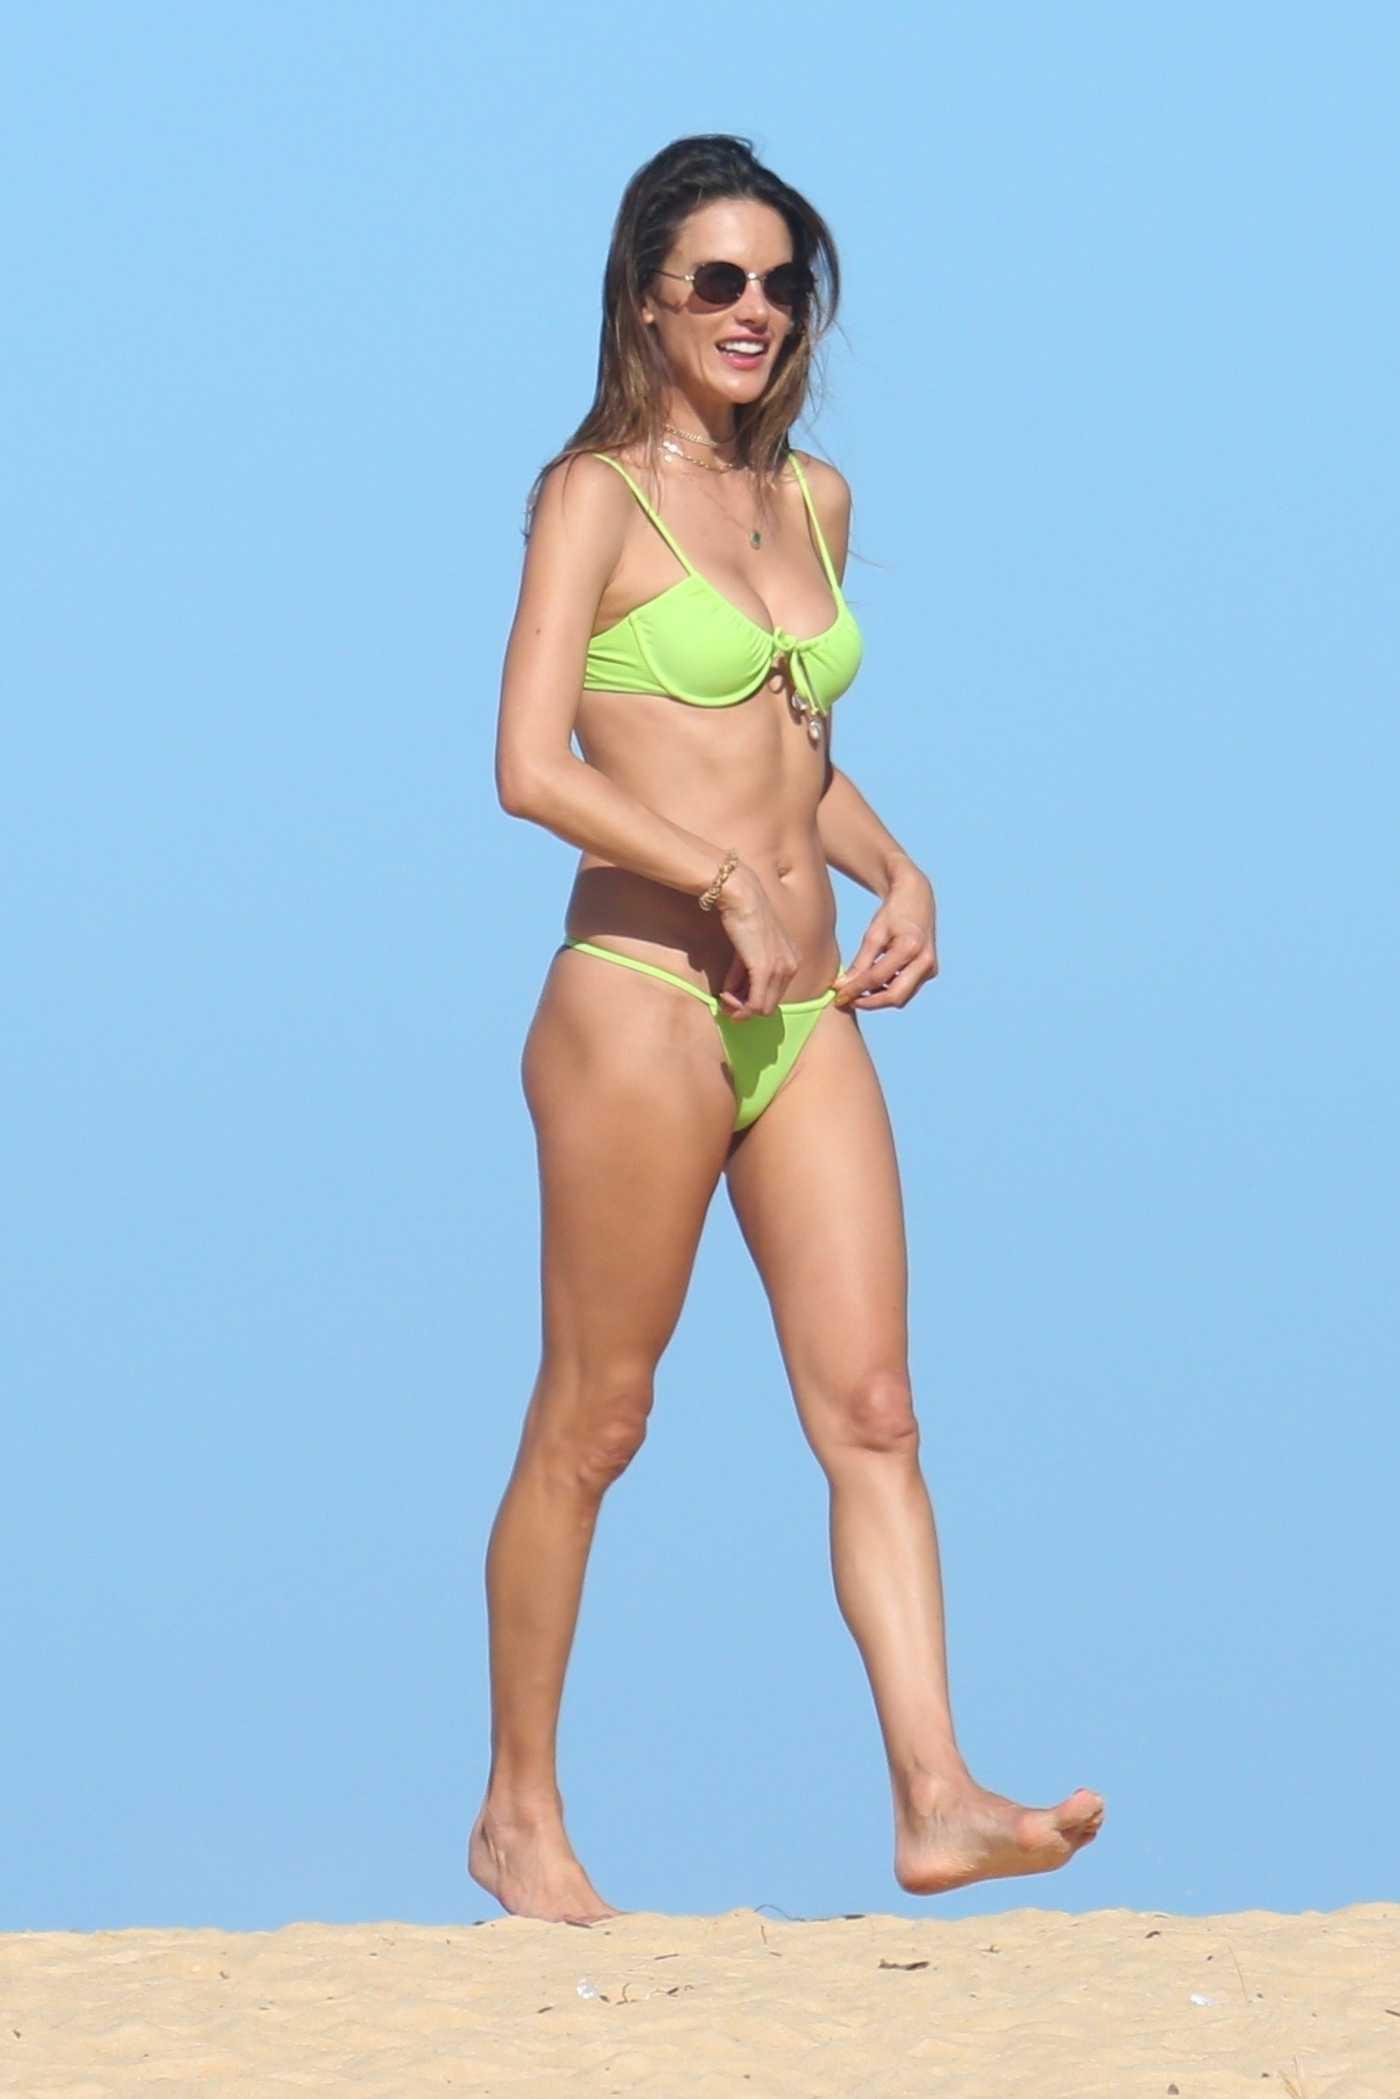 Alessandra Ambrosio in a Neon Green Bikini on the Beach in Trancoso, Brazil 07/30/2021